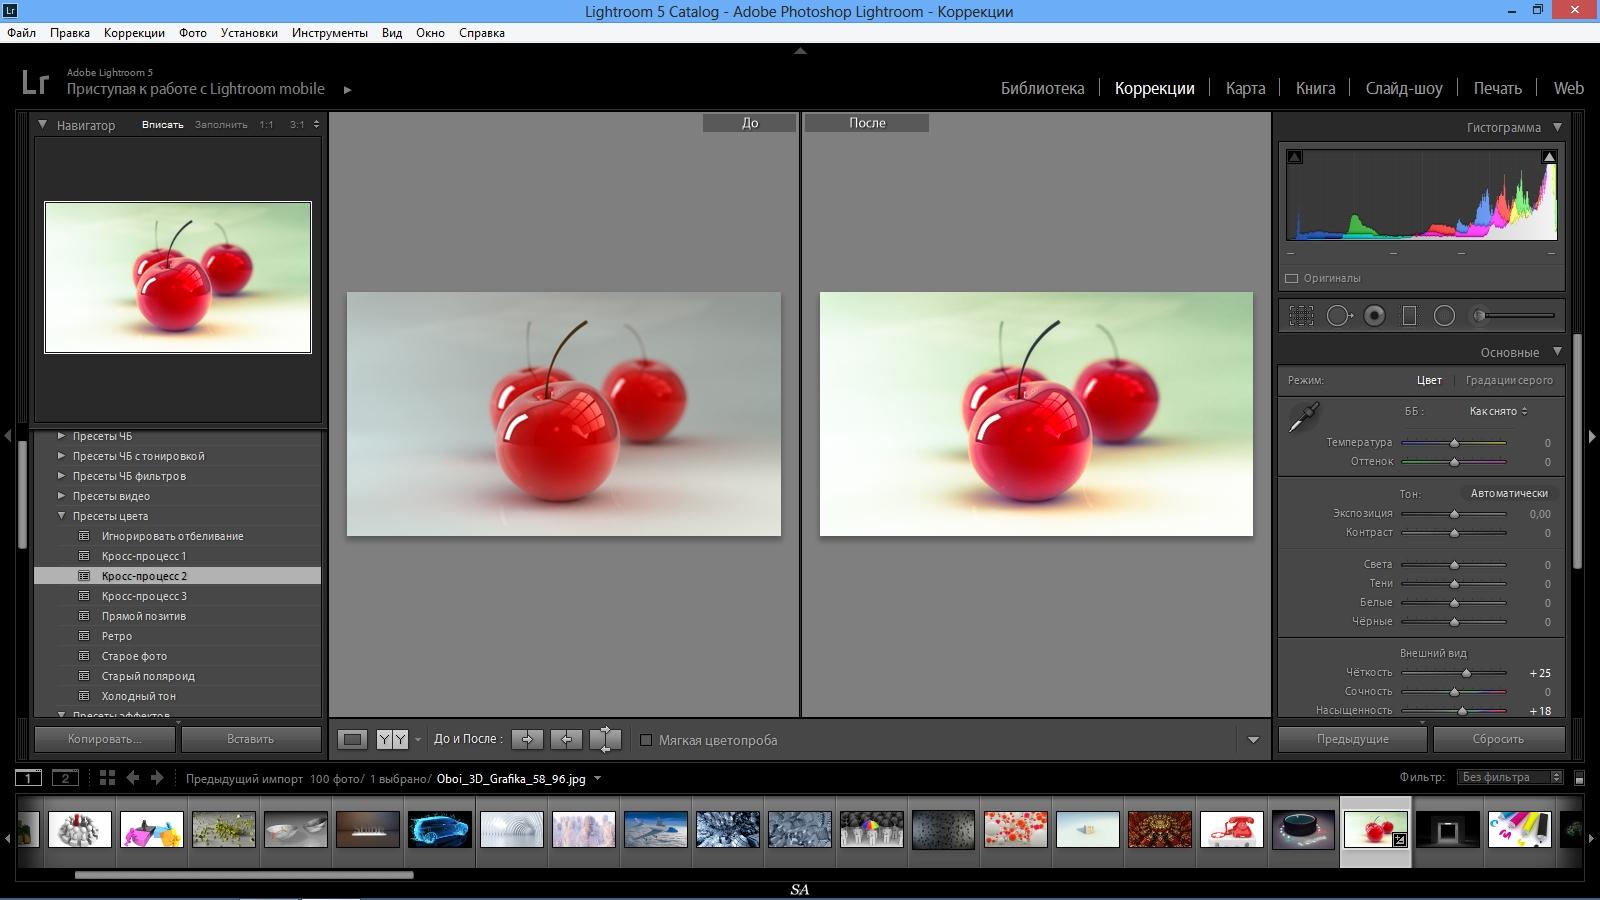 Как в lightroom сделать светлую фото